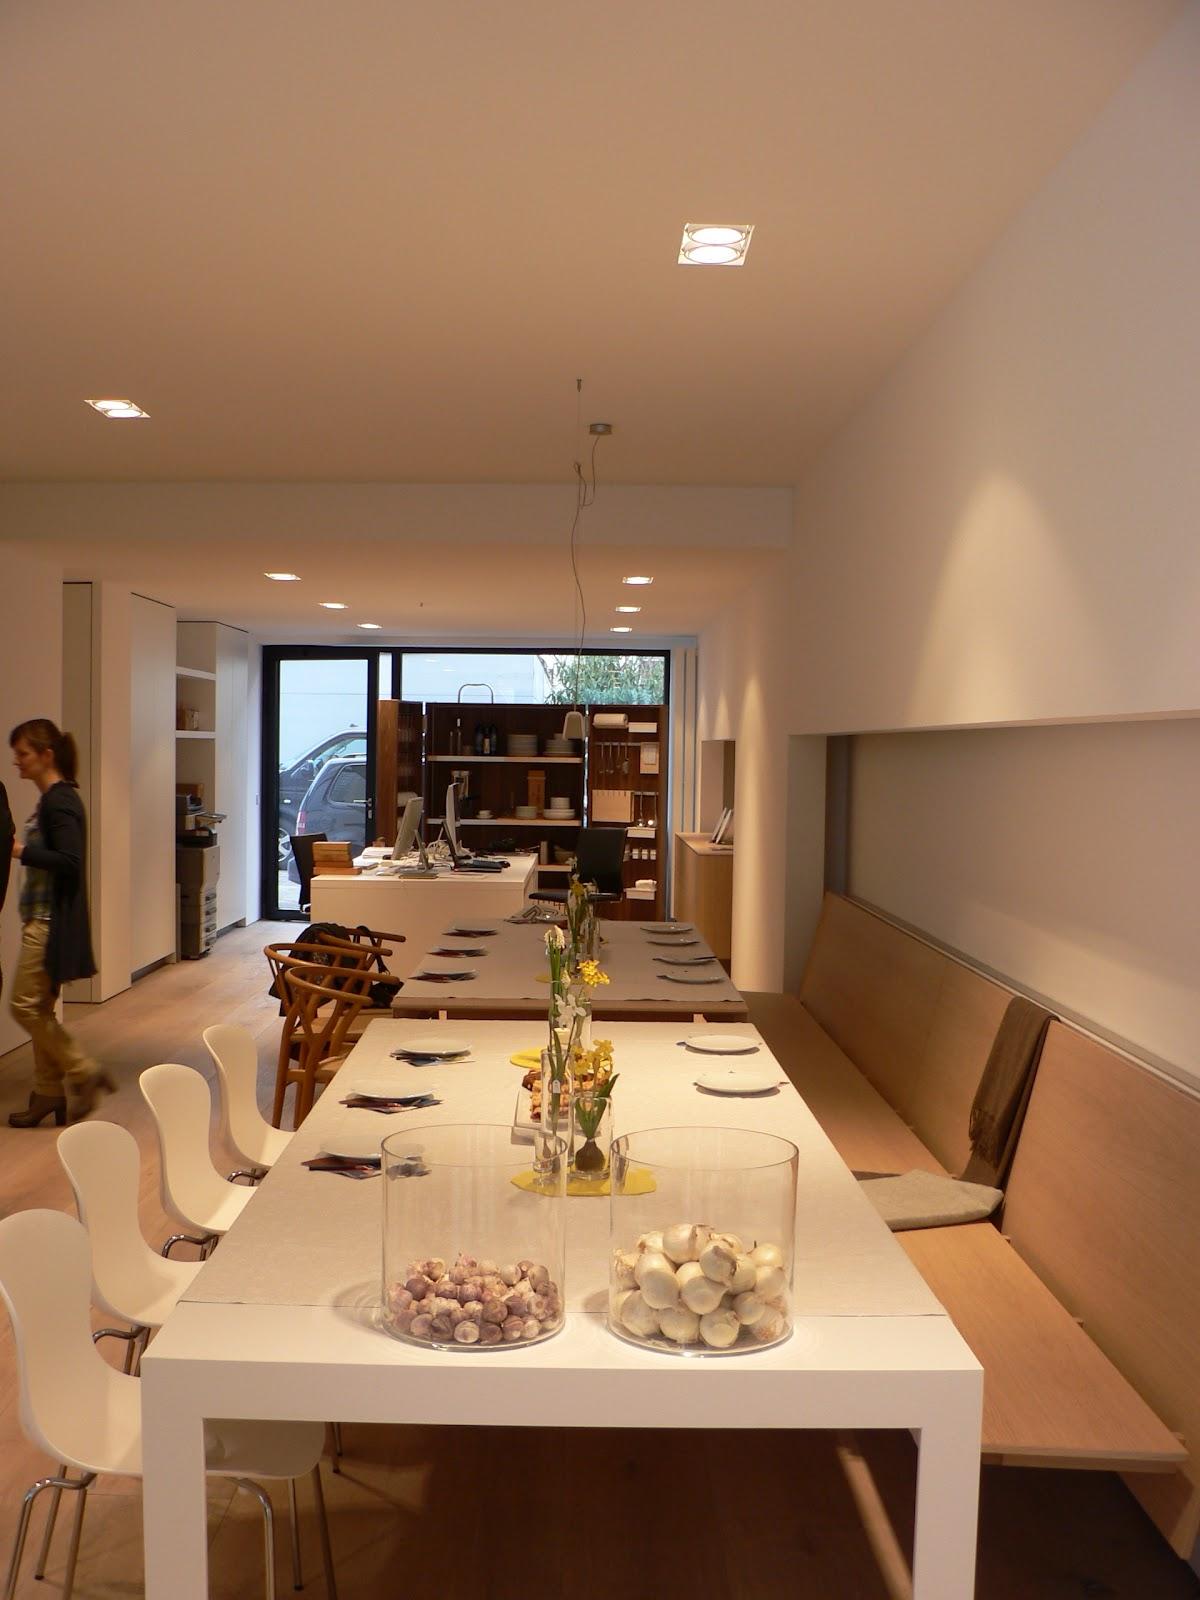 eröffnung bulthaup küchenstudio ulm